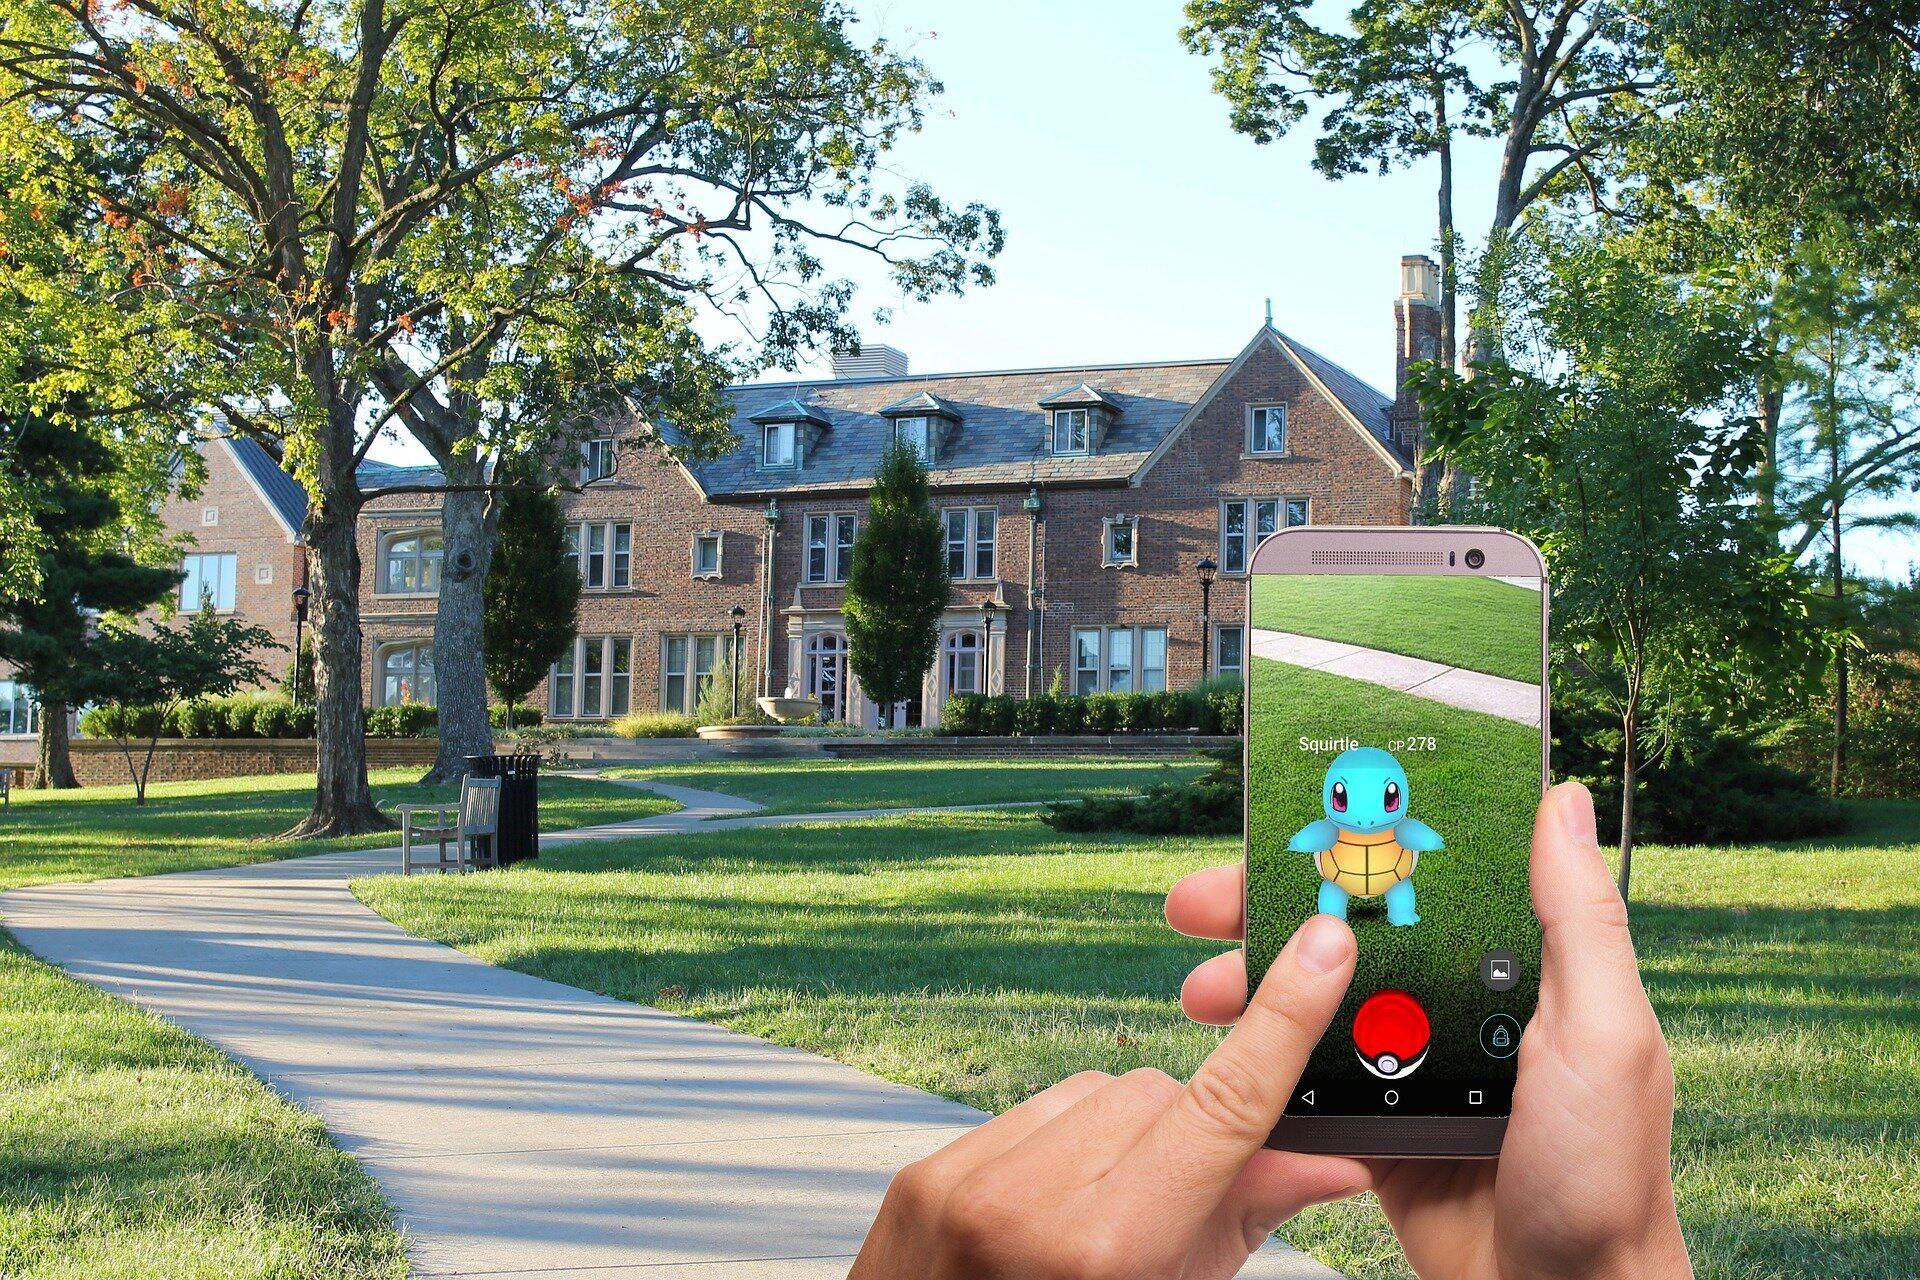 Pokémon Go sur un smartphone